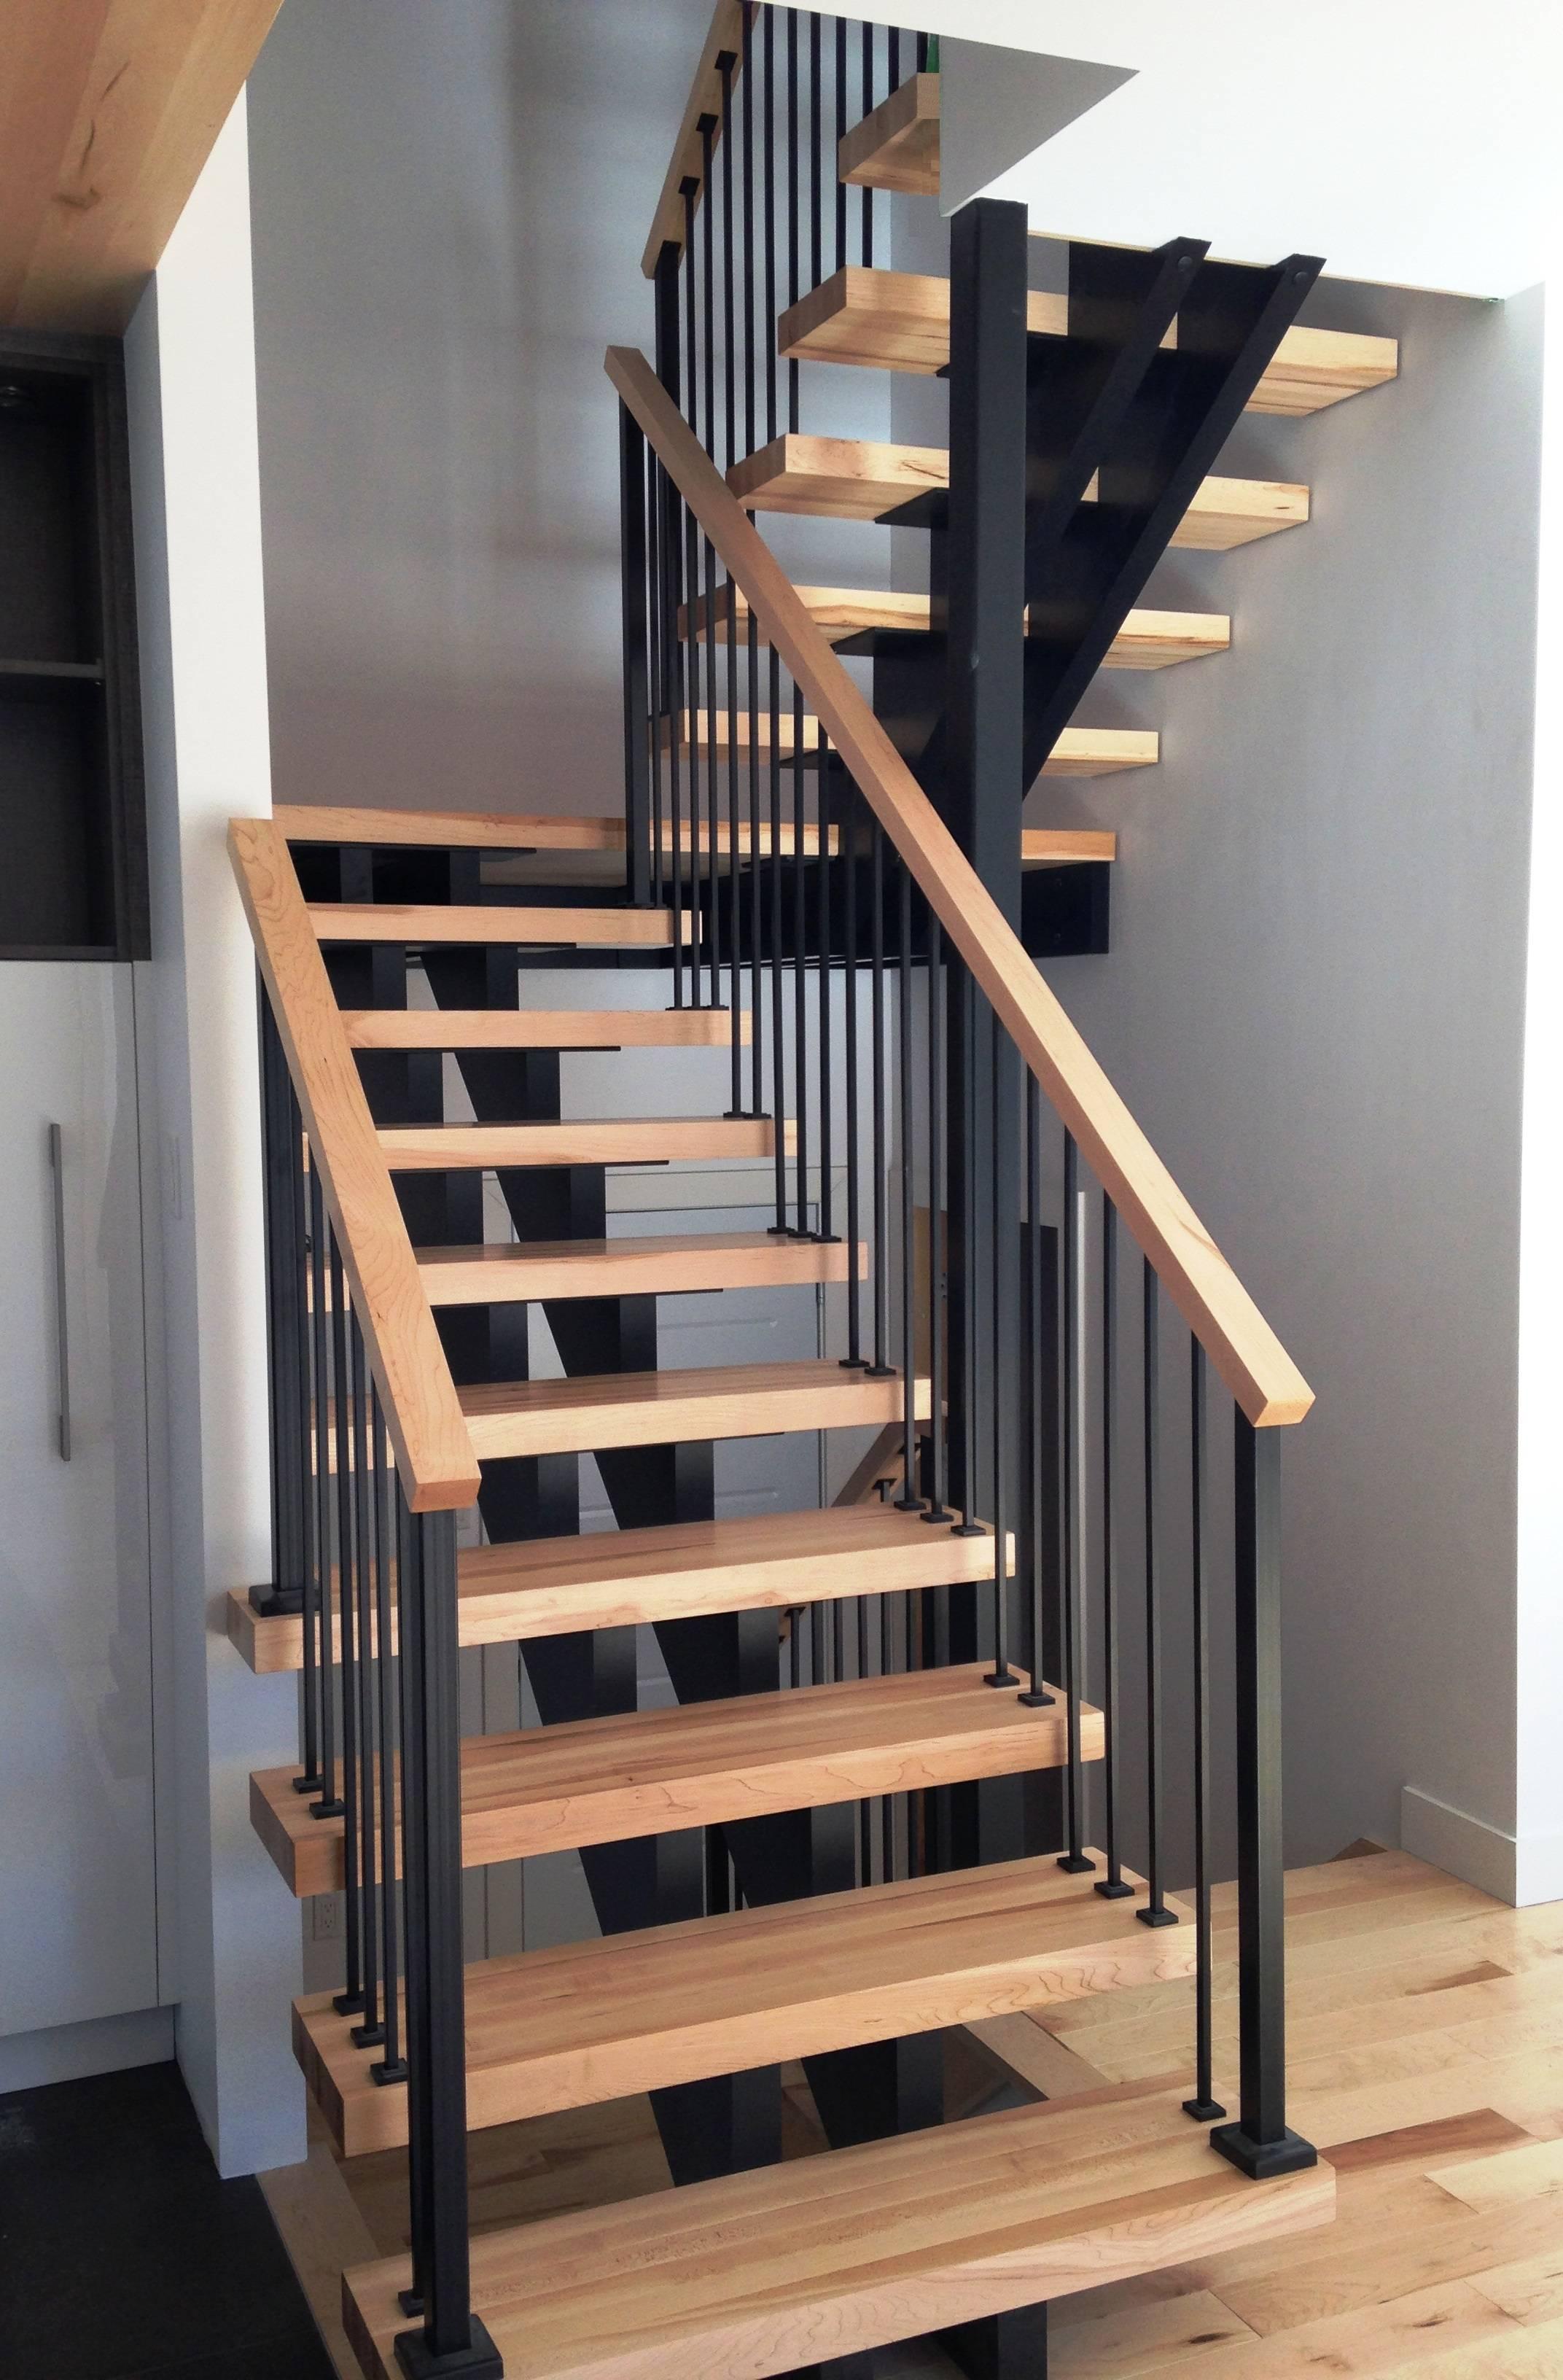 Escalier de bois double limons de bois